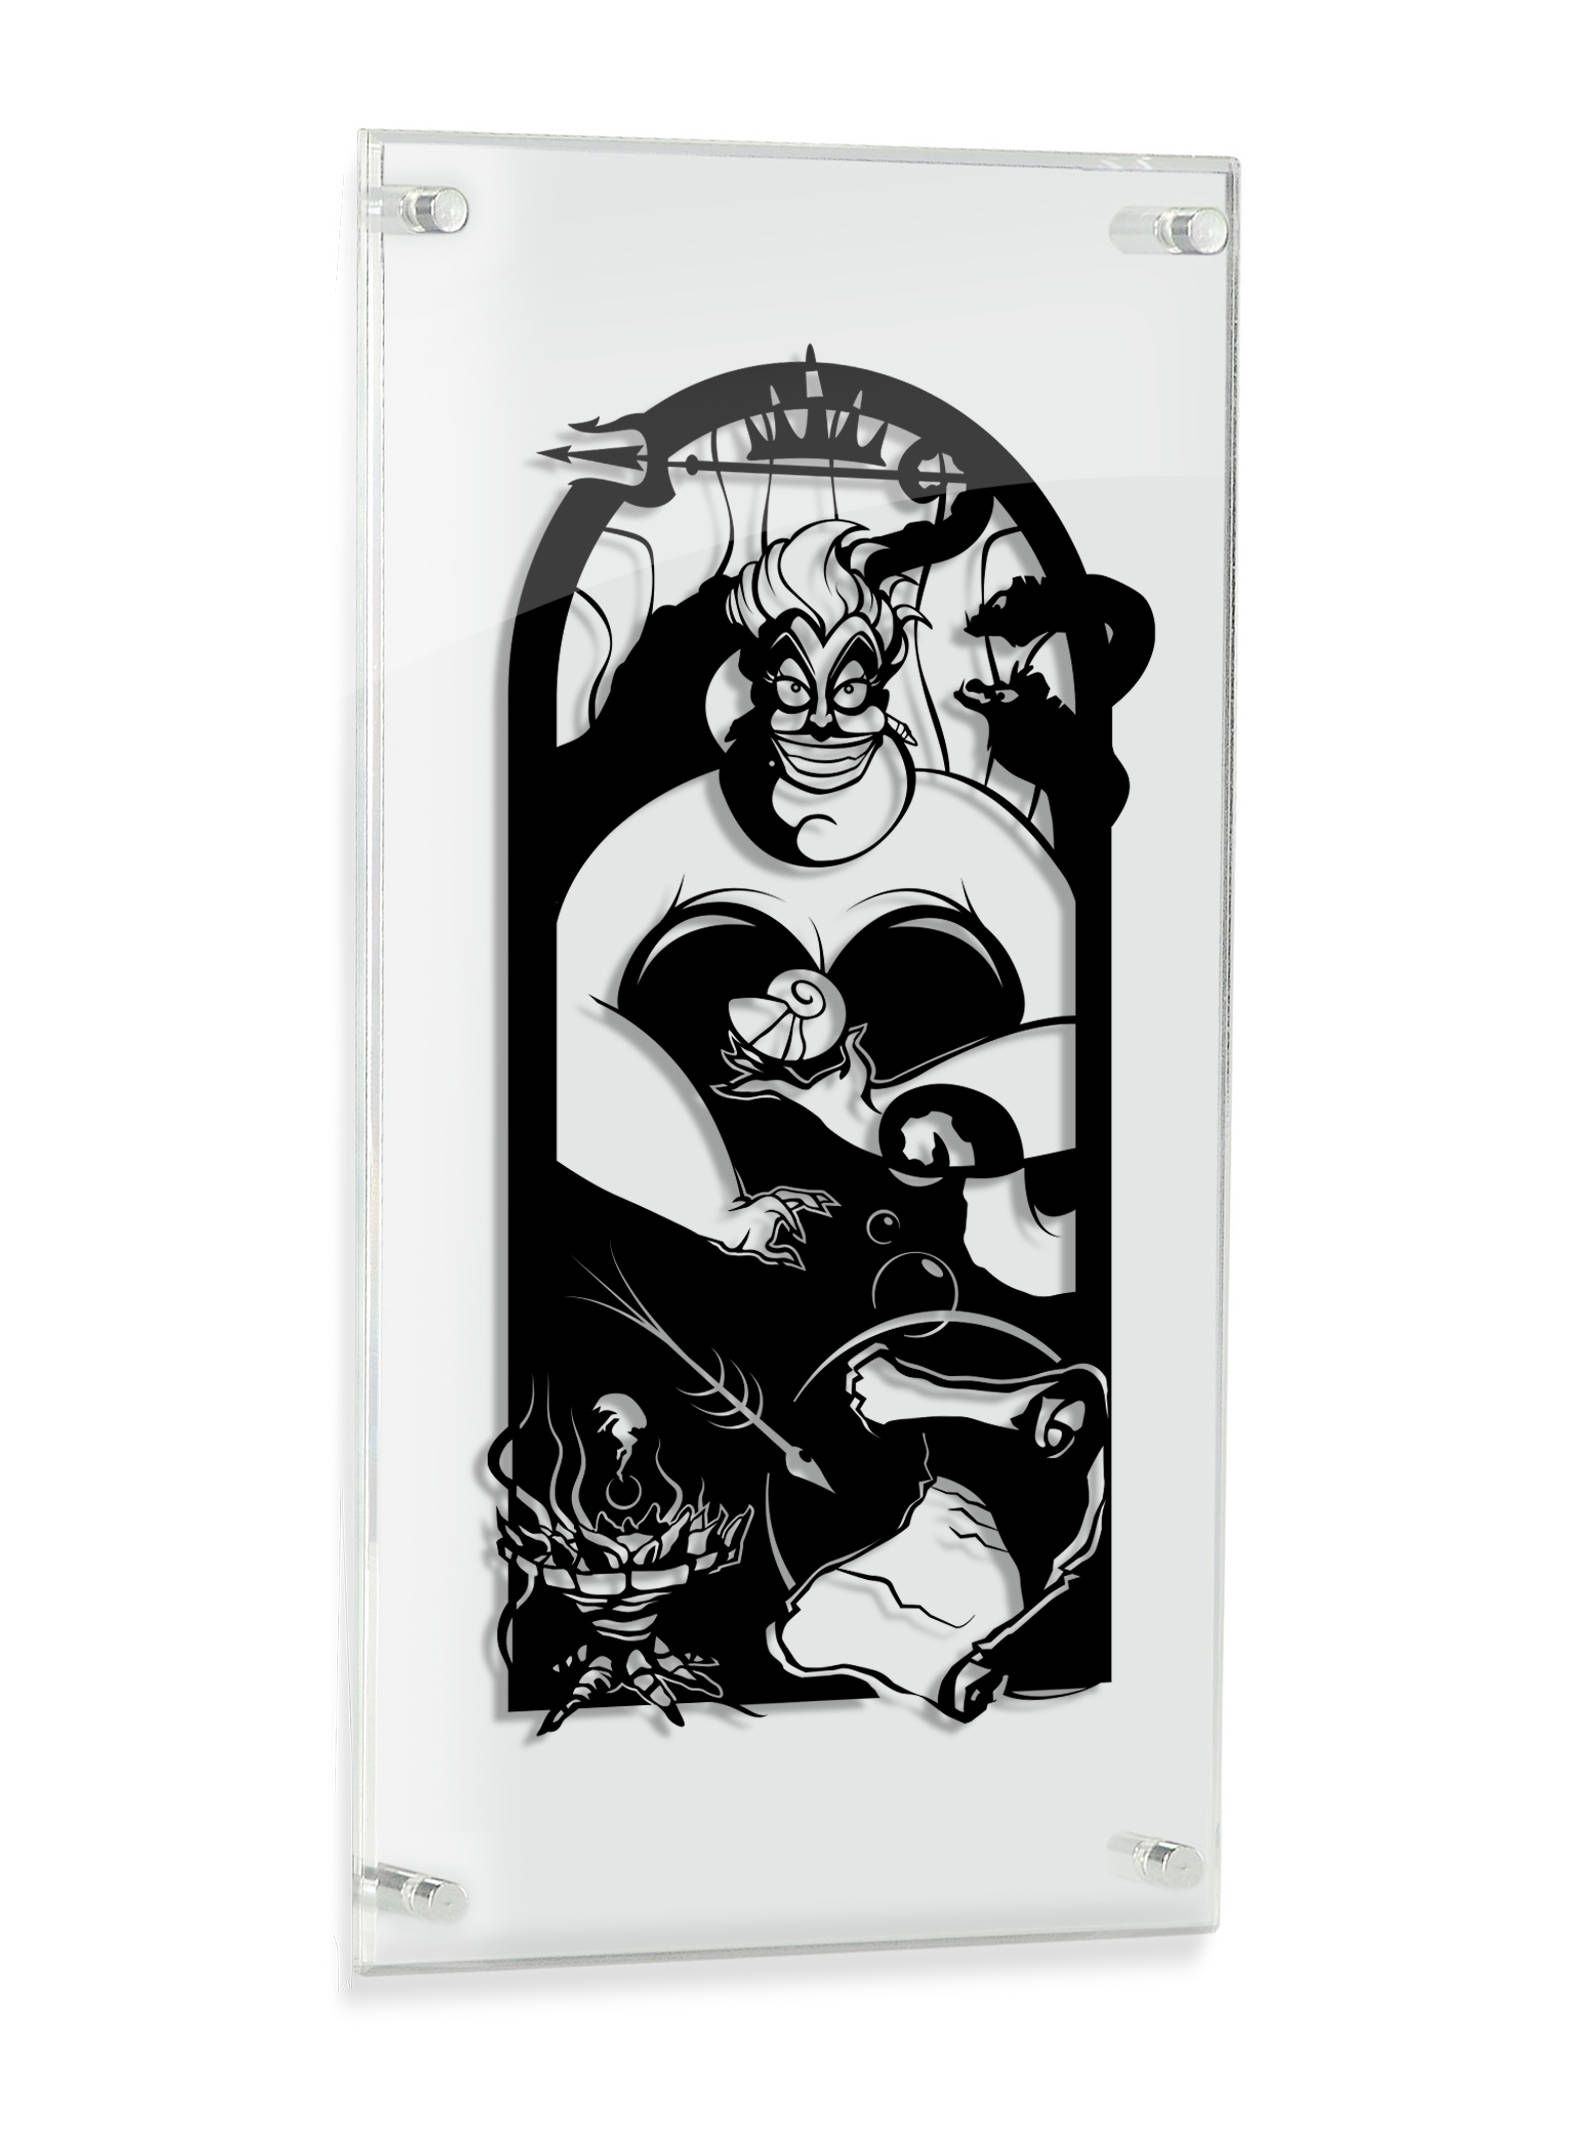 Ursula mer sorcière petite sirène silhouette coupé à la main